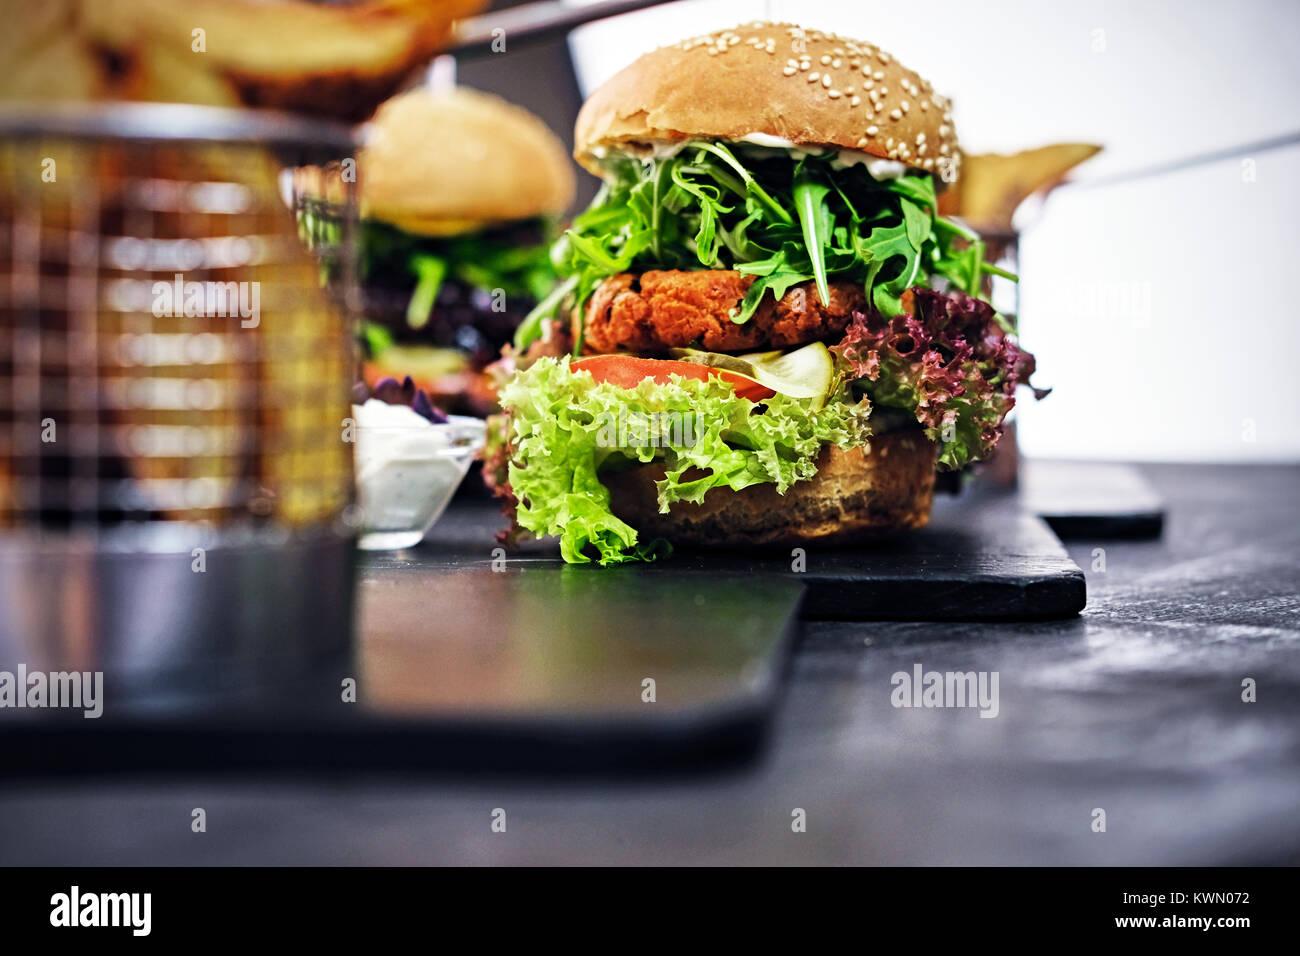 Burger, frites avec salade sur une table. Photo Stock